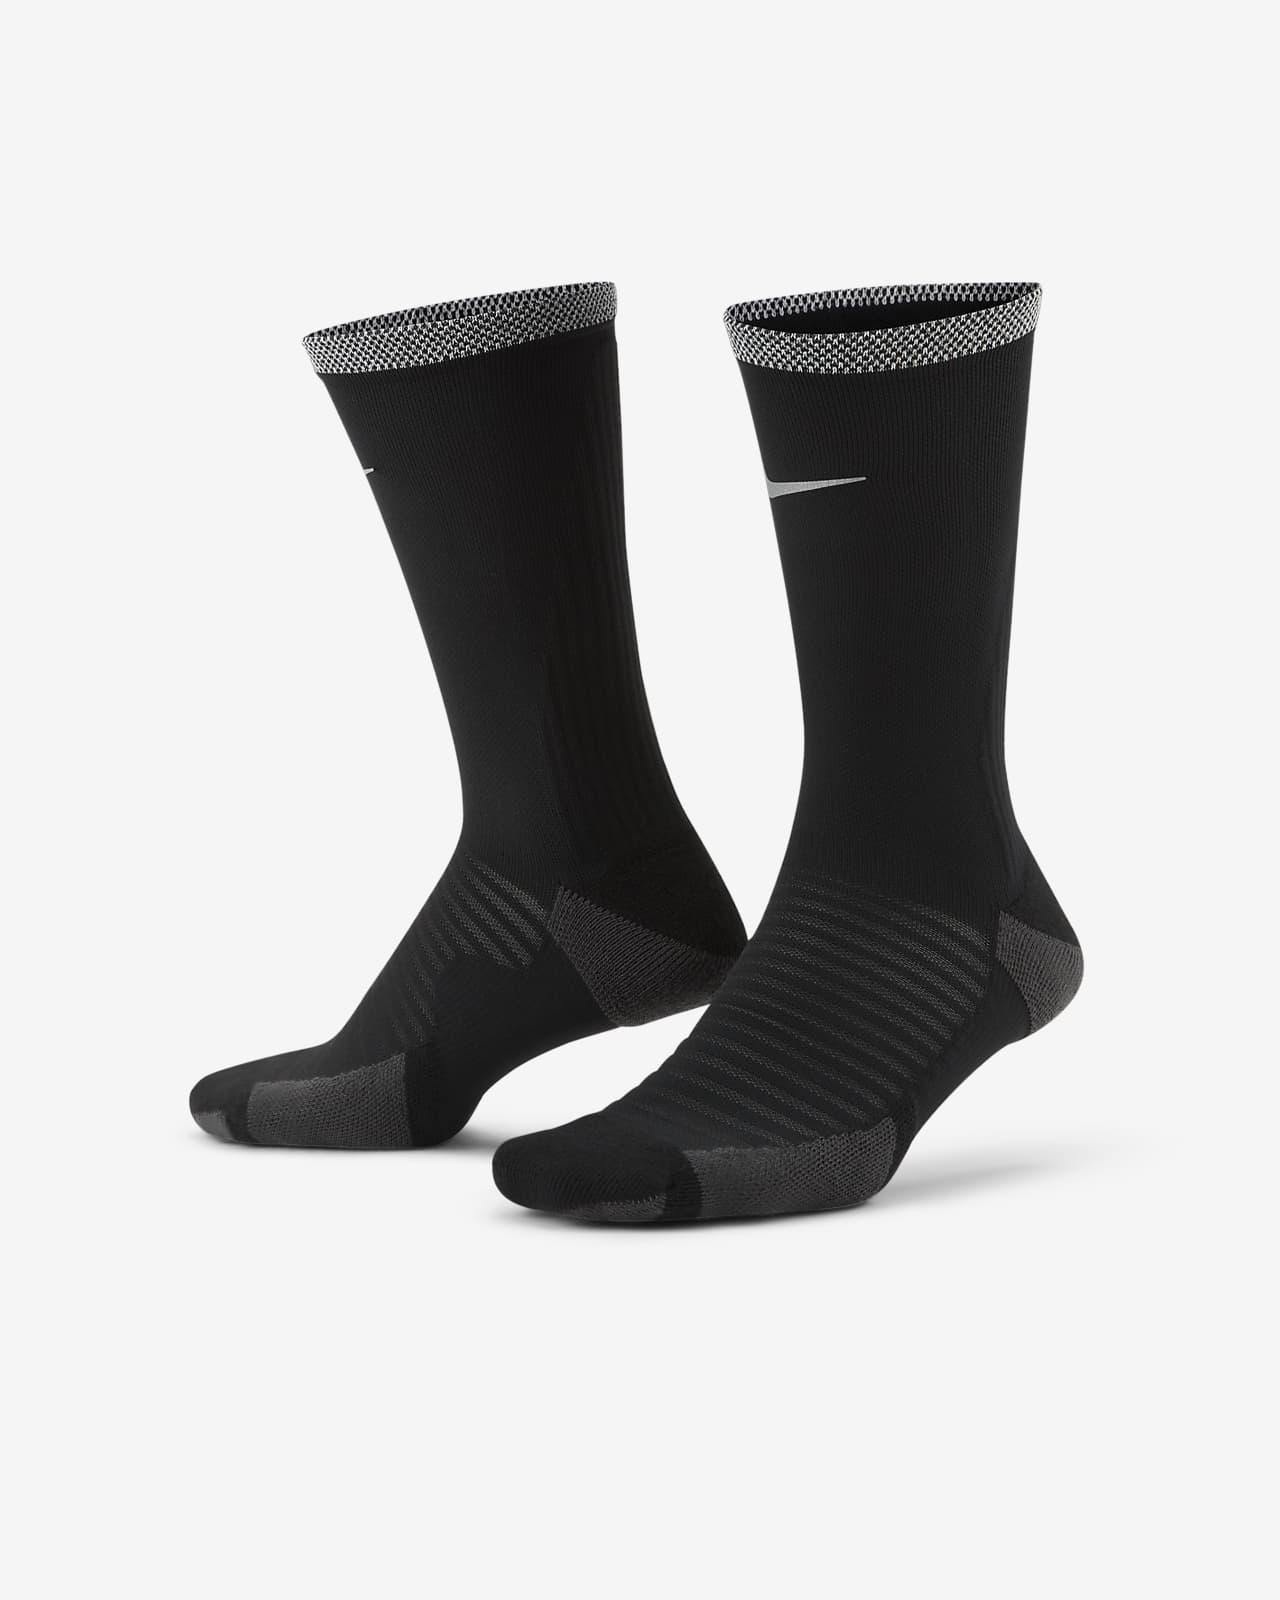 Calcetines largos deportivos de running con amortiguación Nike Spark